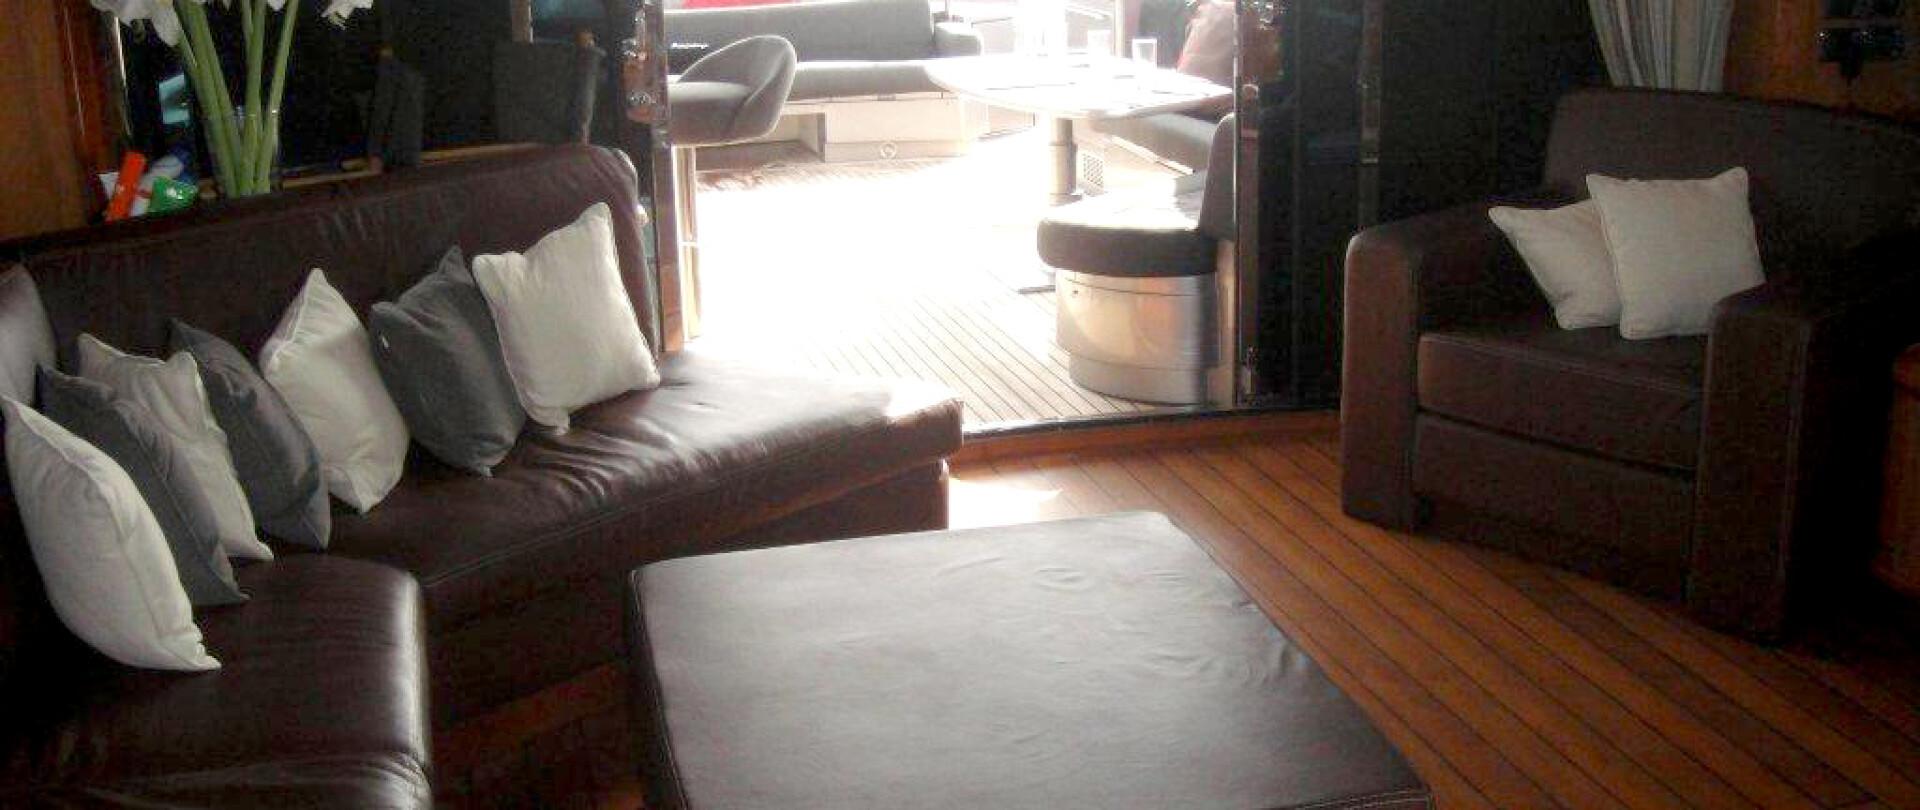 MURCIELAGO - For sale through Edmiston photo 4